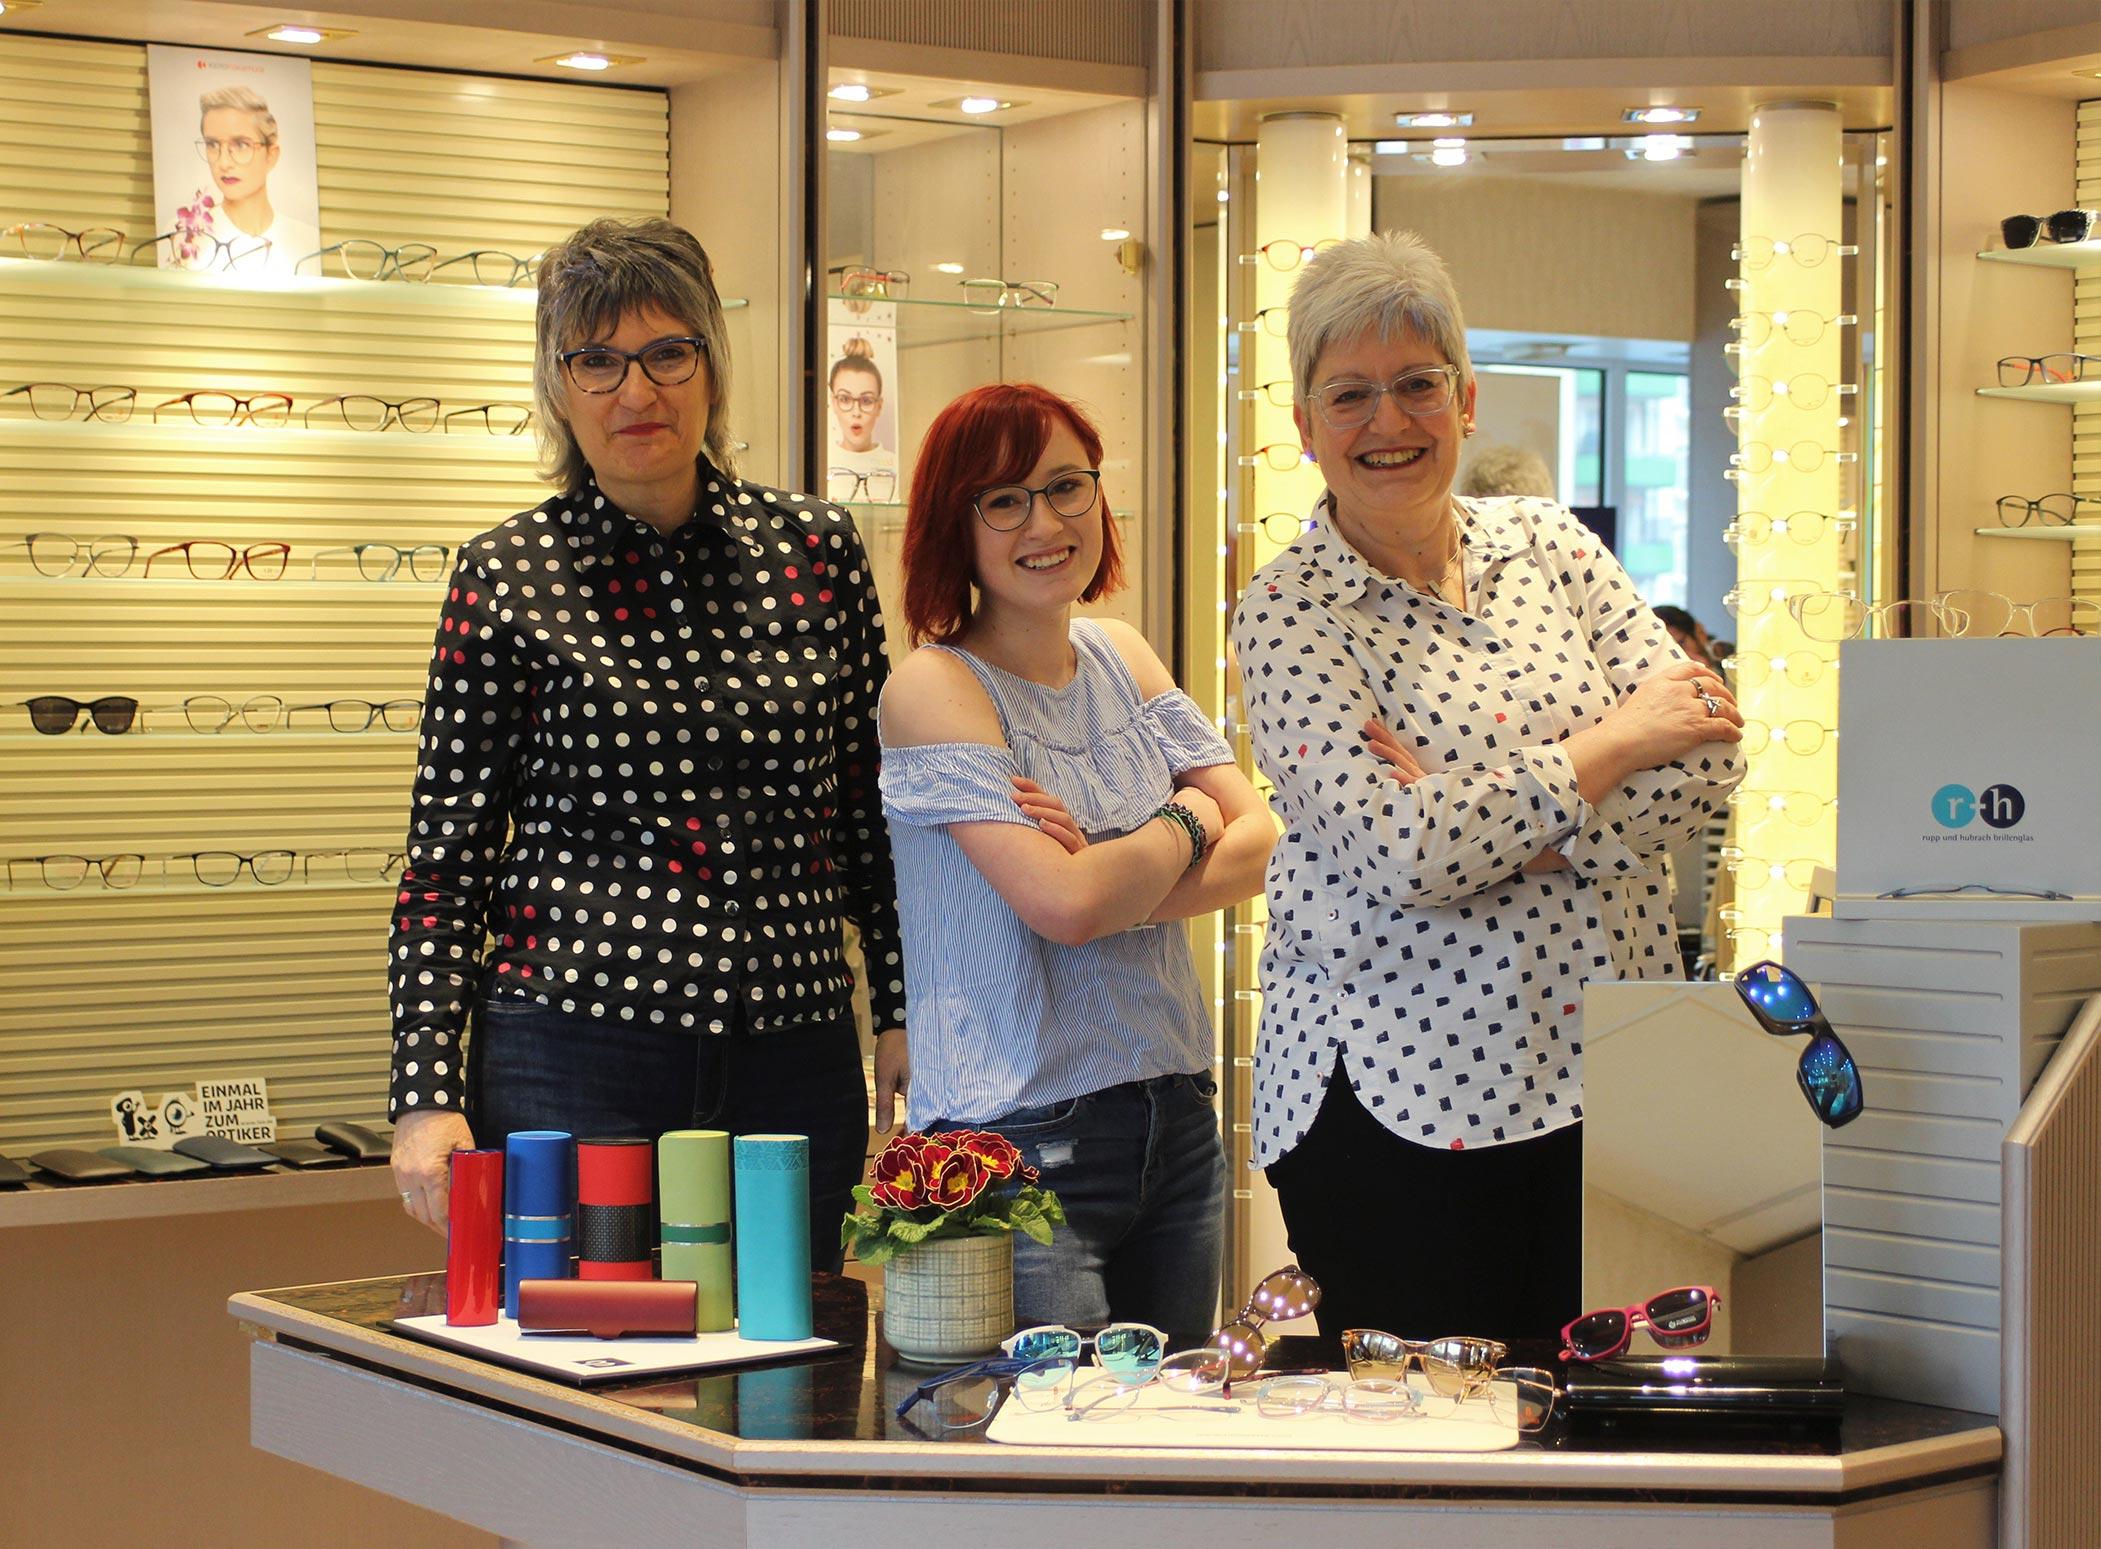 Ihr Team von Augenoptiker Richter – links Silvia Uhlig, Mitte Nadine Blümel, rechts Katrin Sommer